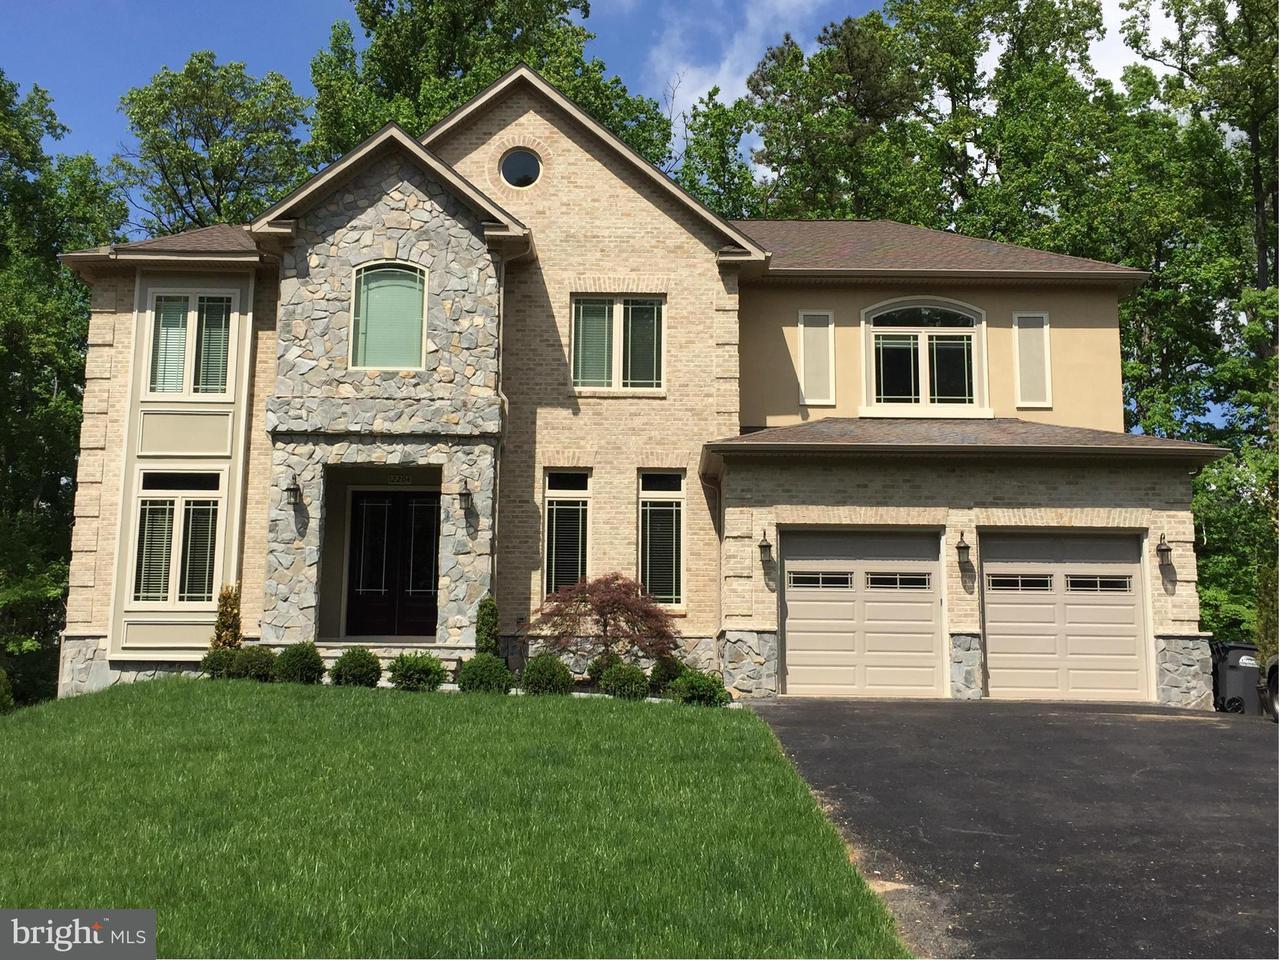 Μονοκατοικία για την Πώληση στο 7017 Woodland Drive 7017 Woodland Drive Springfield, Βιρτζινια 22151 Ηνωμενεσ Πολιτειεσ